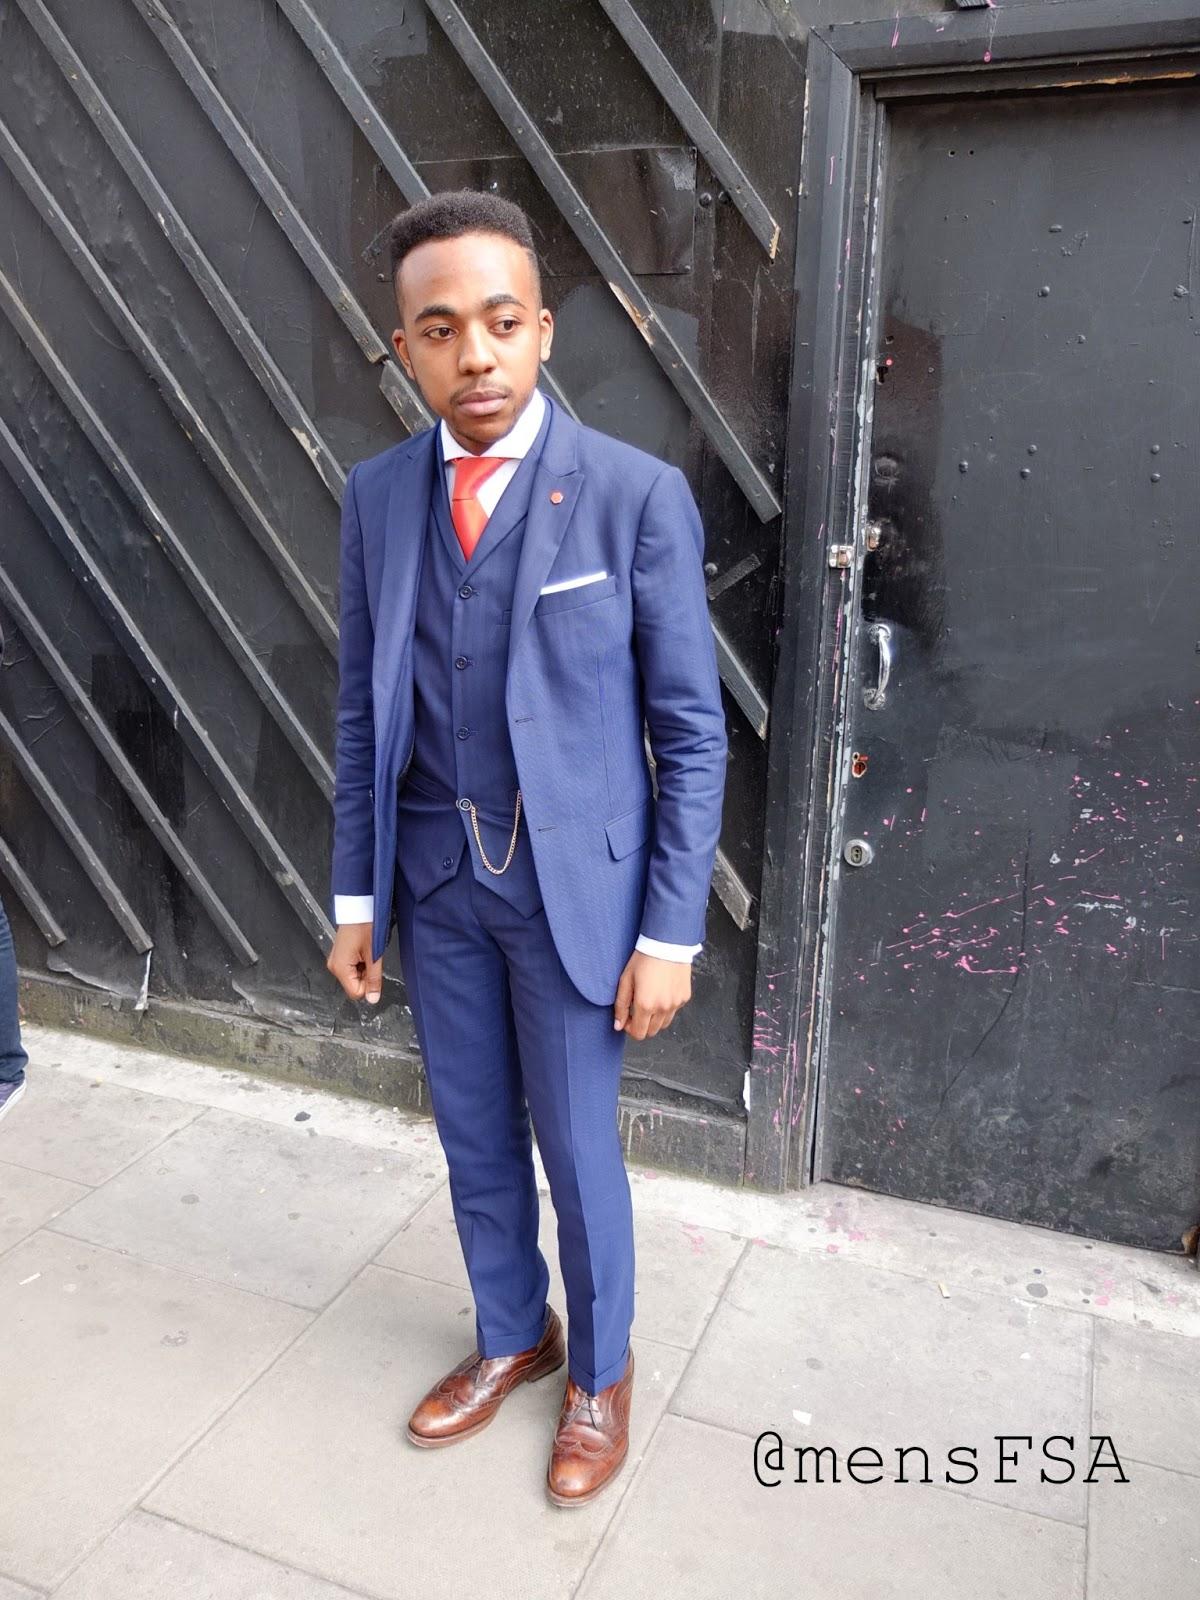 London Men S Fashion Week Spring 2017 Street Style: Men's Fashion & Style Aficionado: London Collections Men